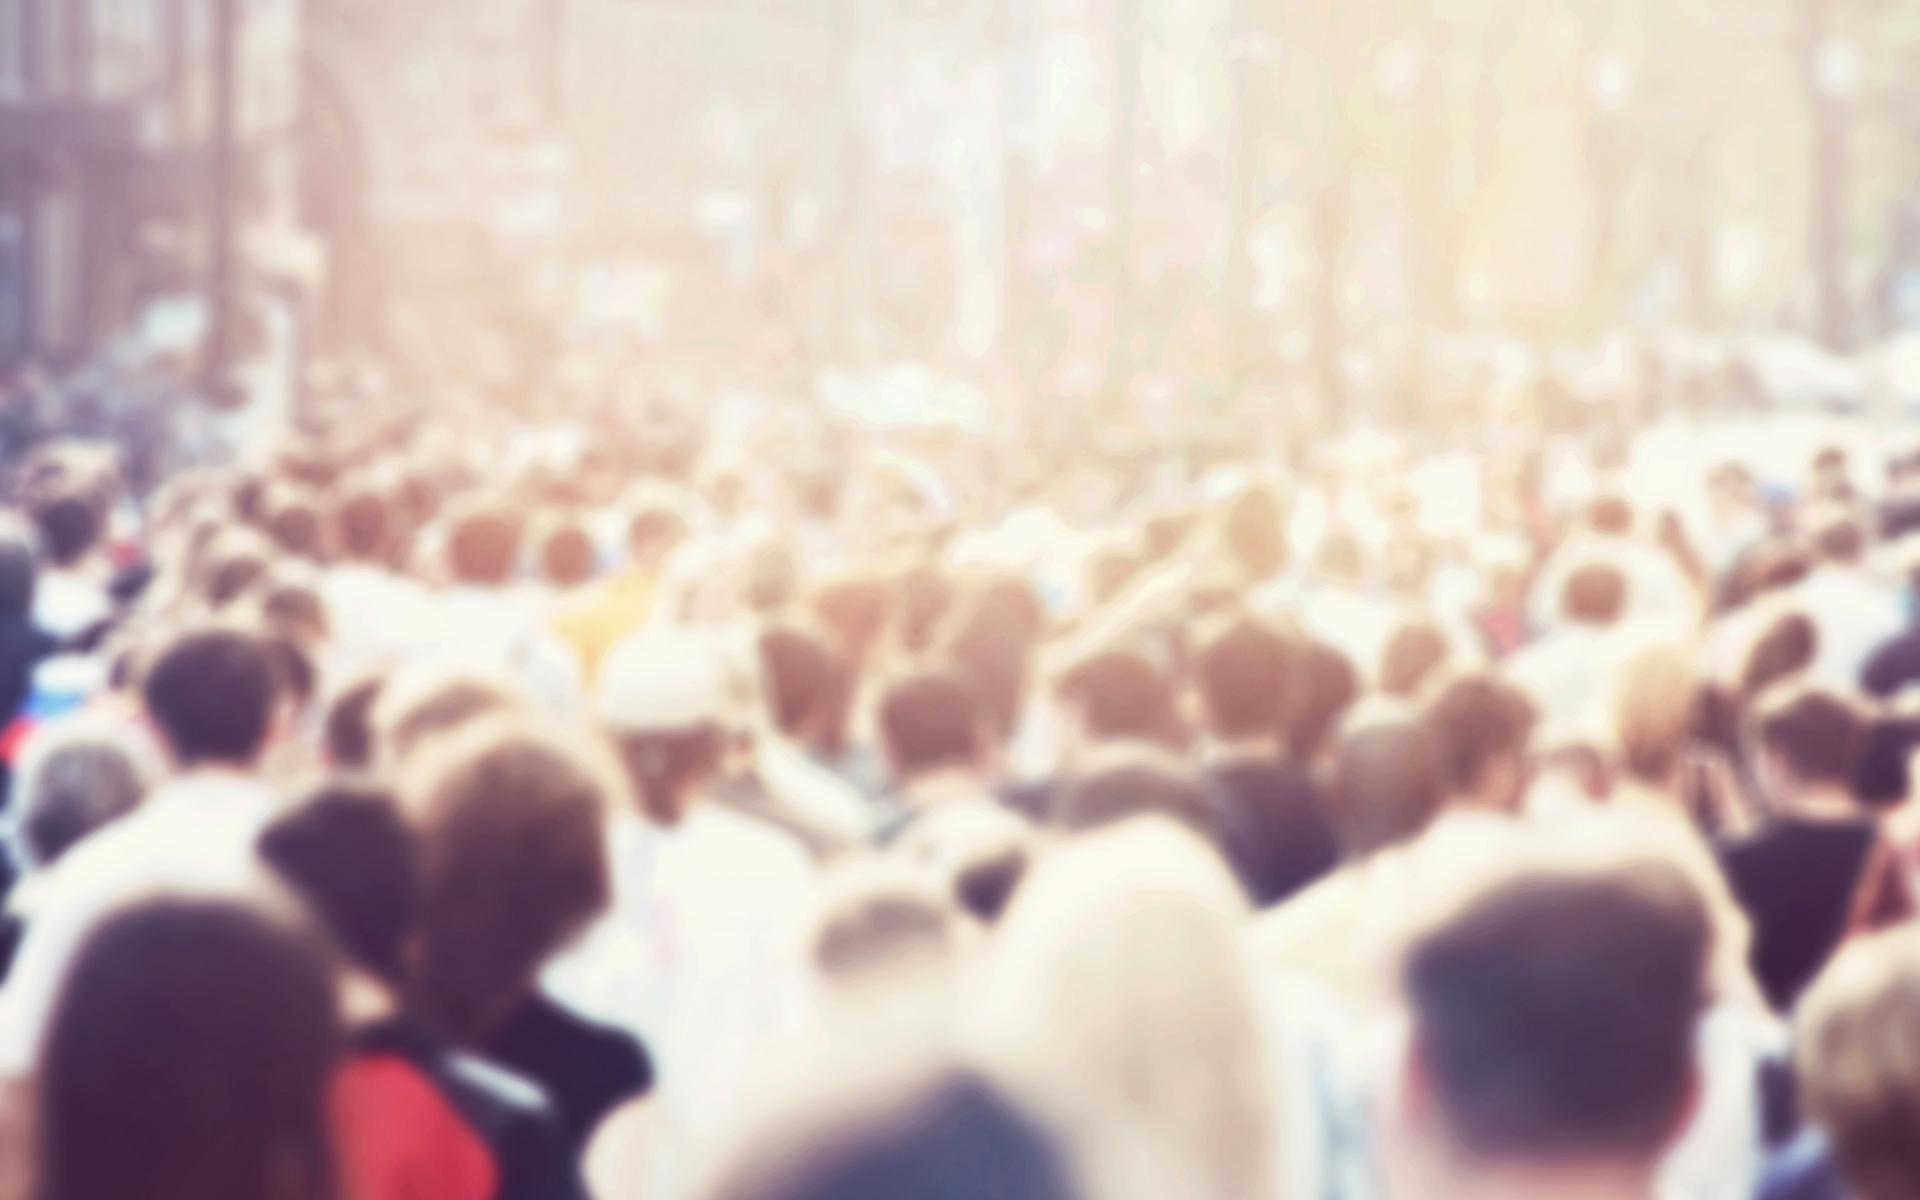 crowd people bitcoin